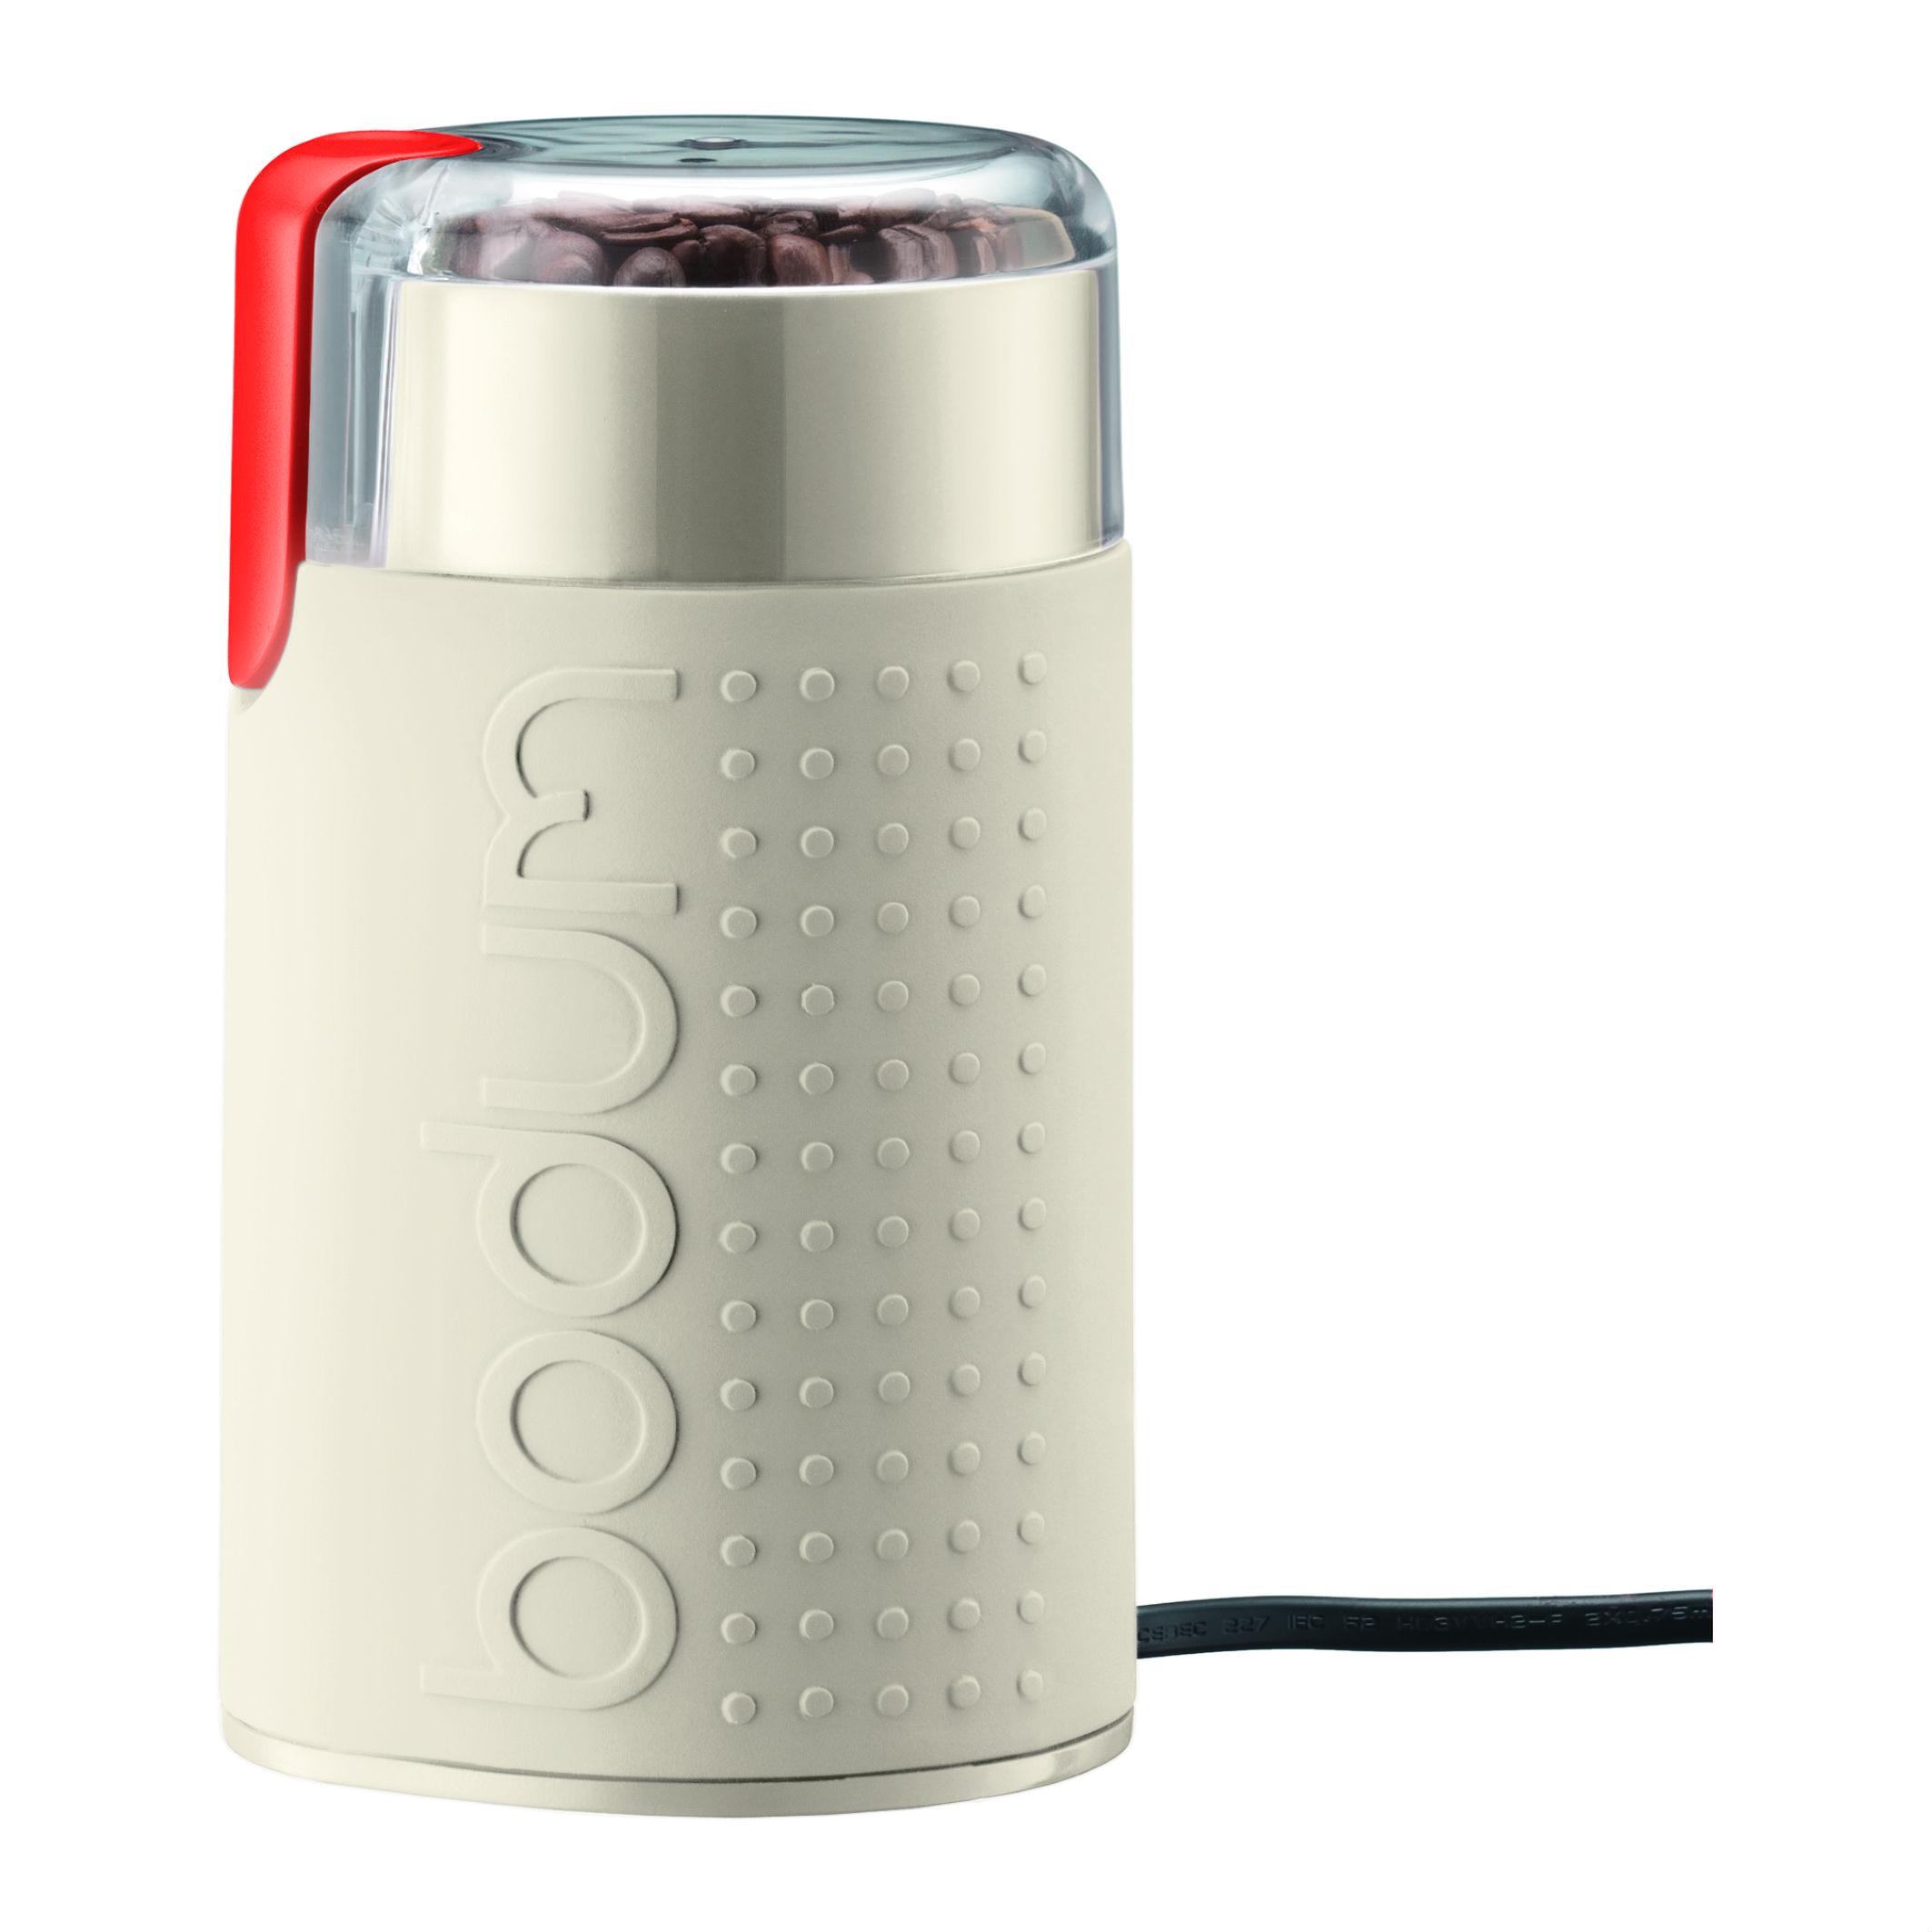 Home Bodum coffee, Coffee grinder, Coffee bean grinder